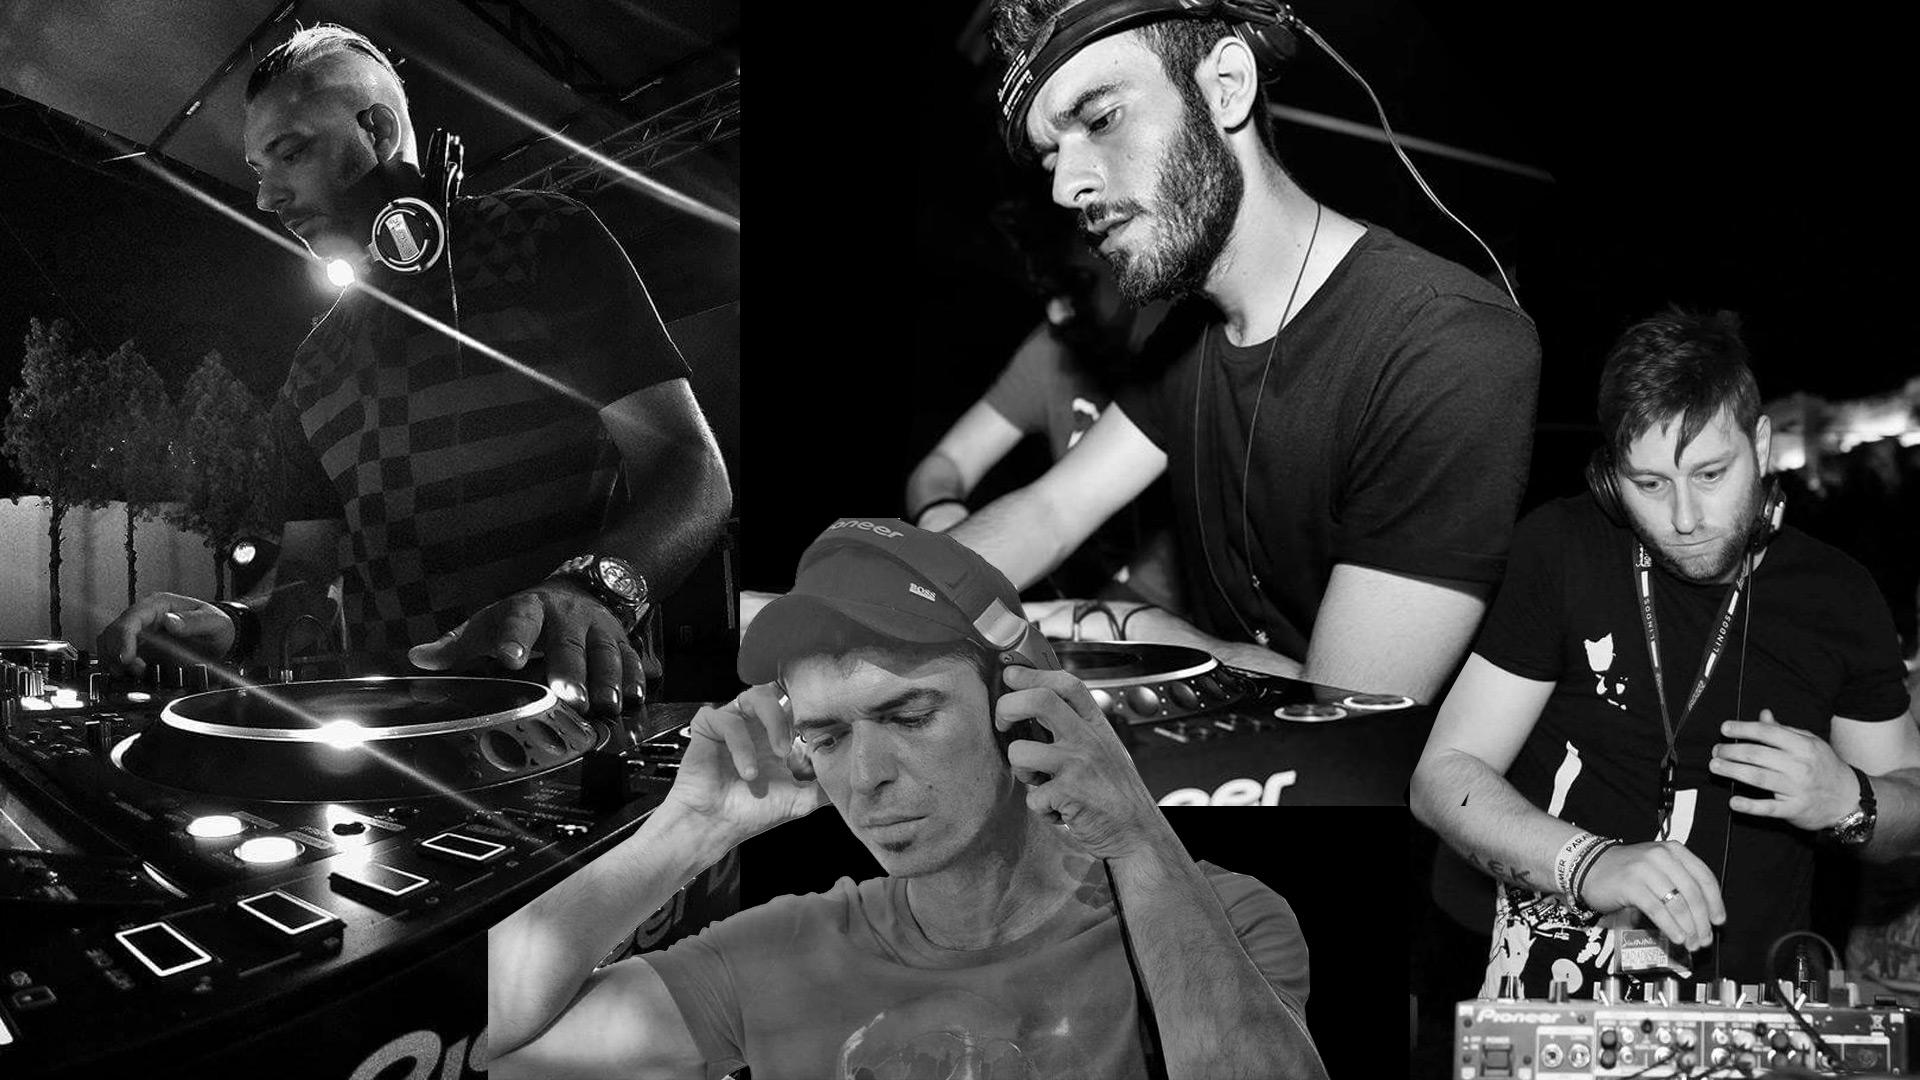 RHO-LINDOS-DJS